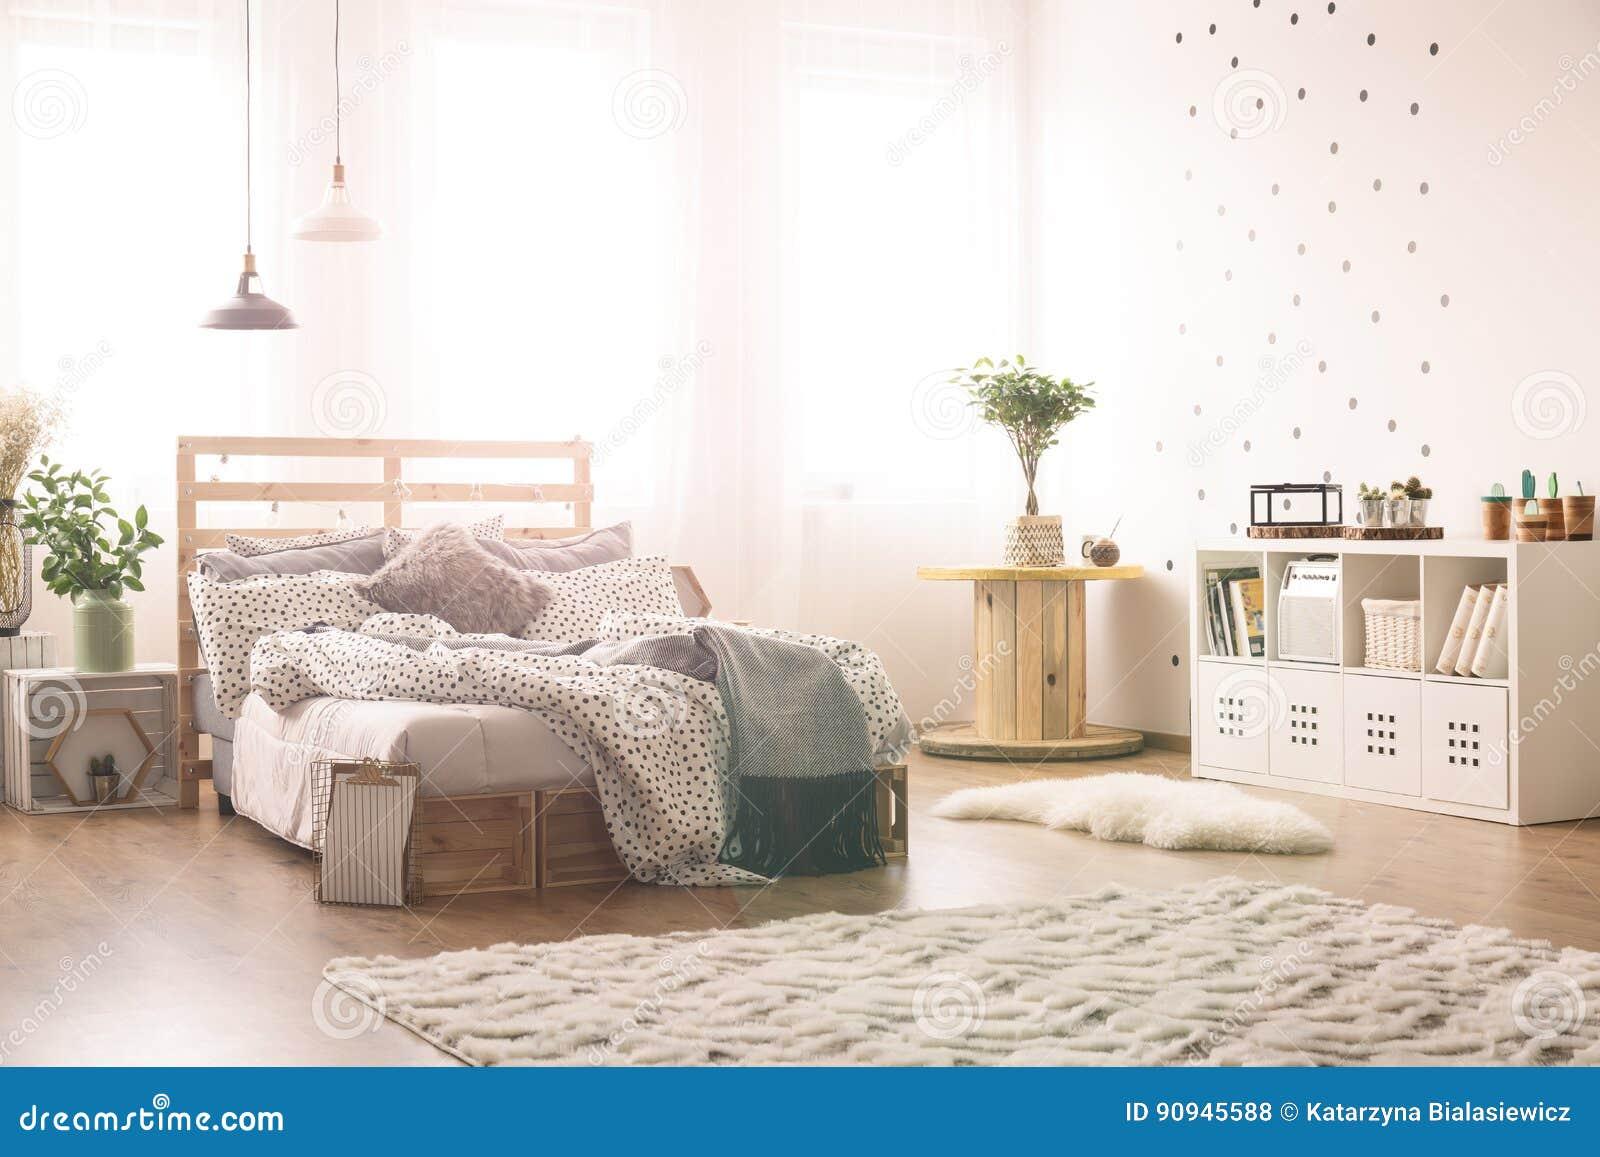 Zwarte Slaapkamer Muur : Slaapkamer met punten op de muur stock foto afbeelding bestaande